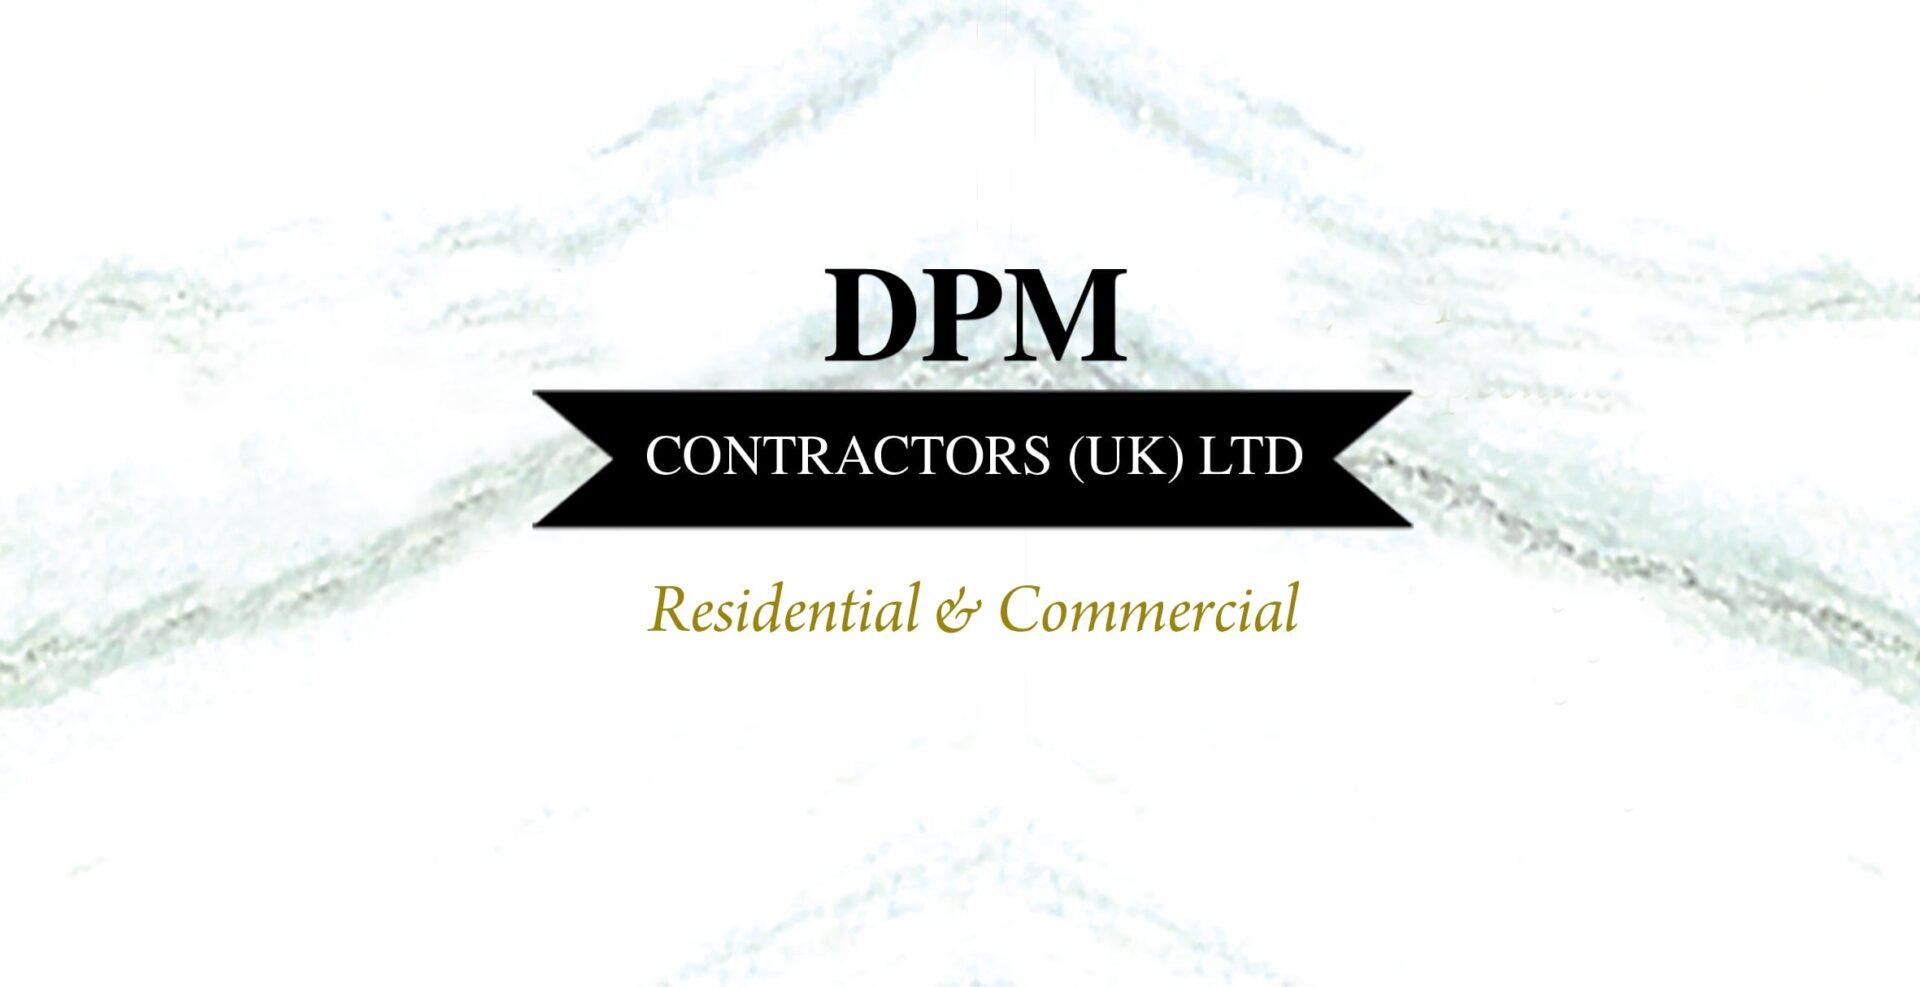 DPM Contractors Ltd